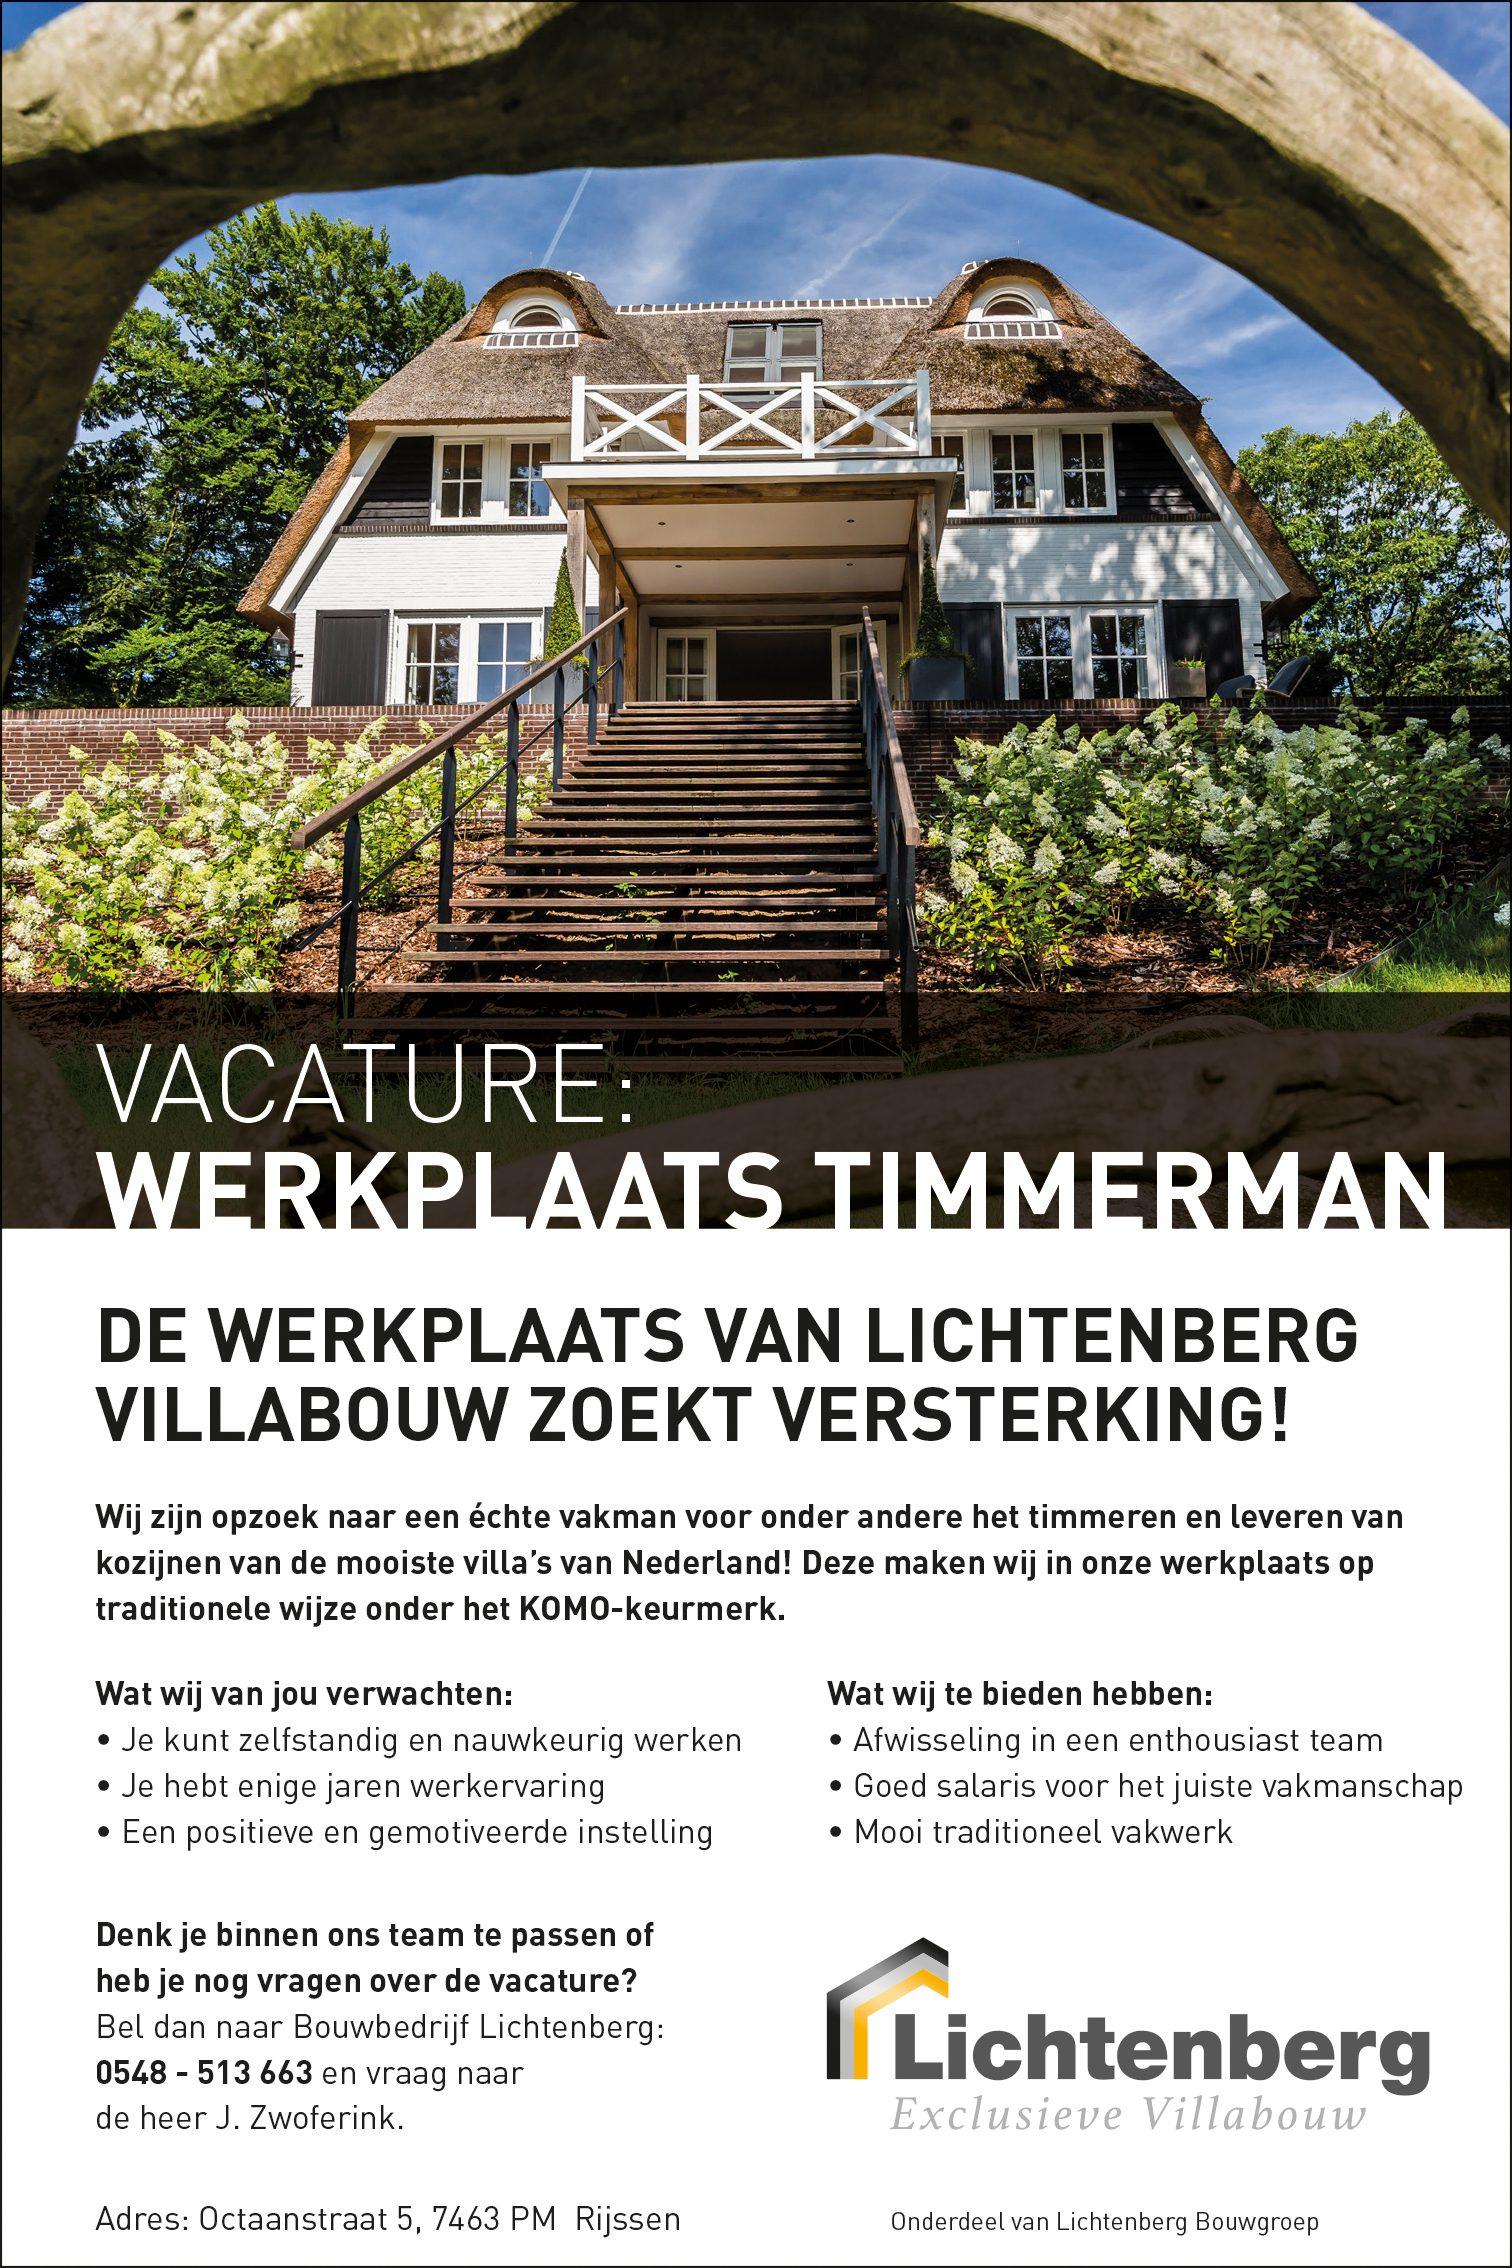 Vacature werkplaats timmerman Lichtenberg Villabouw